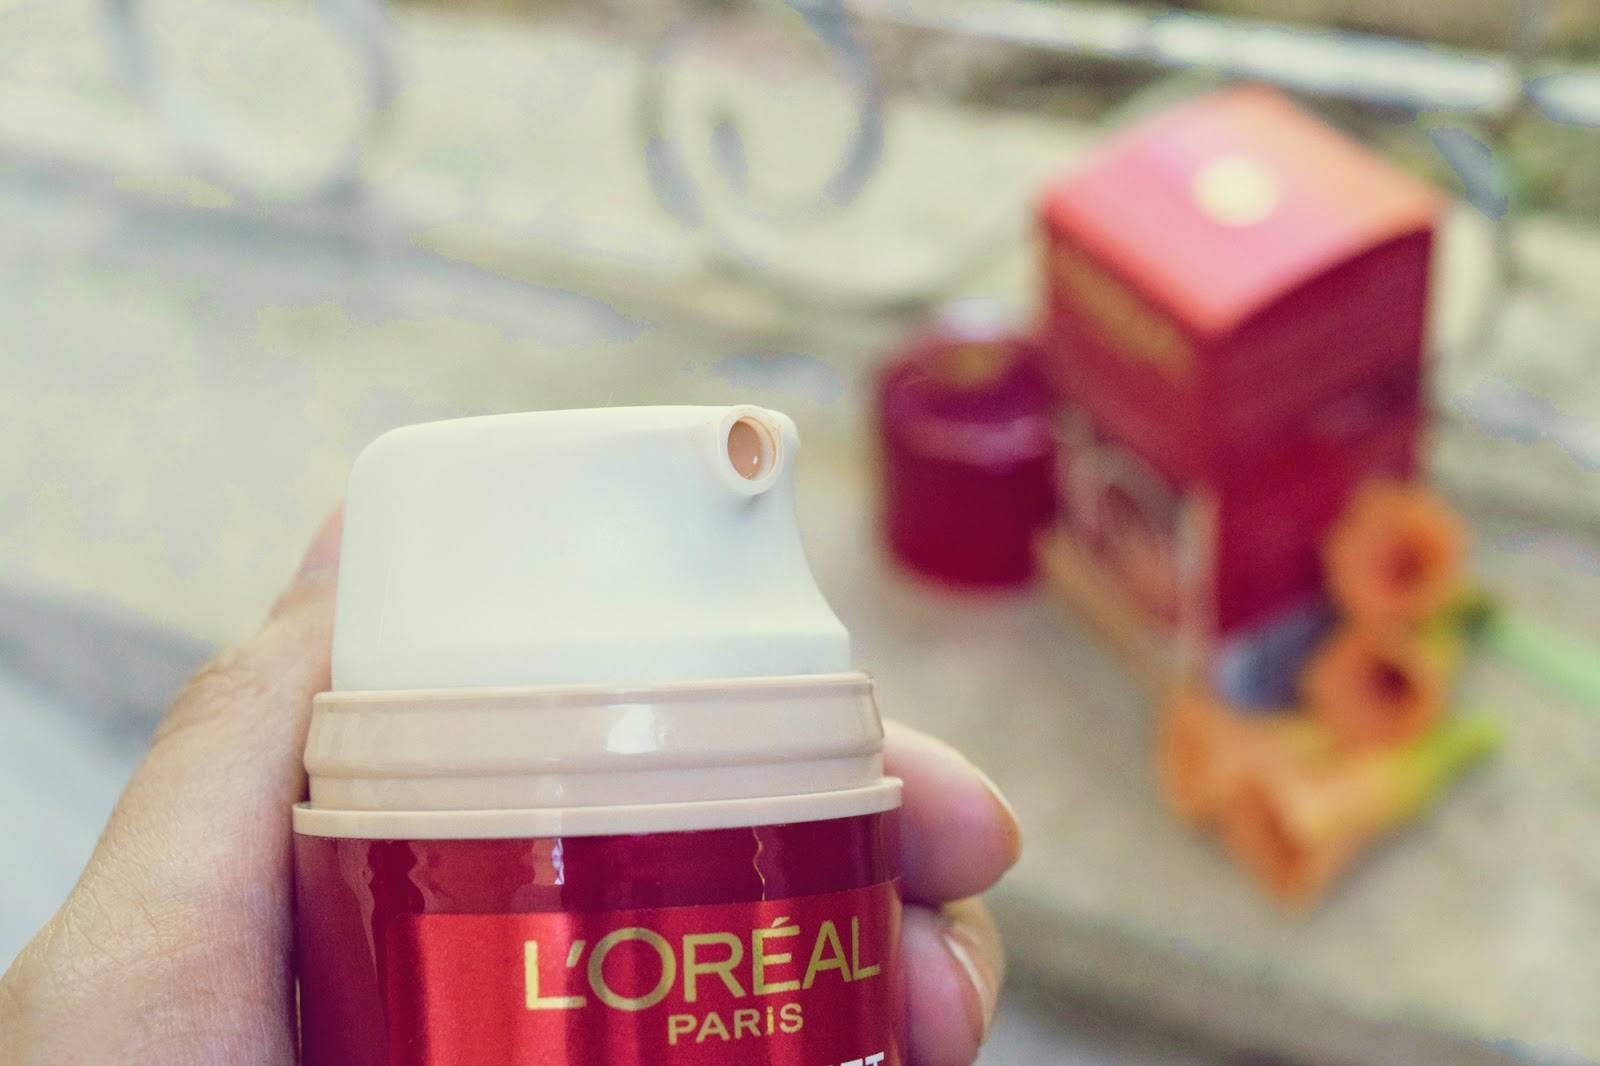 L'Oreal Revitalift Total Repair BB Cream